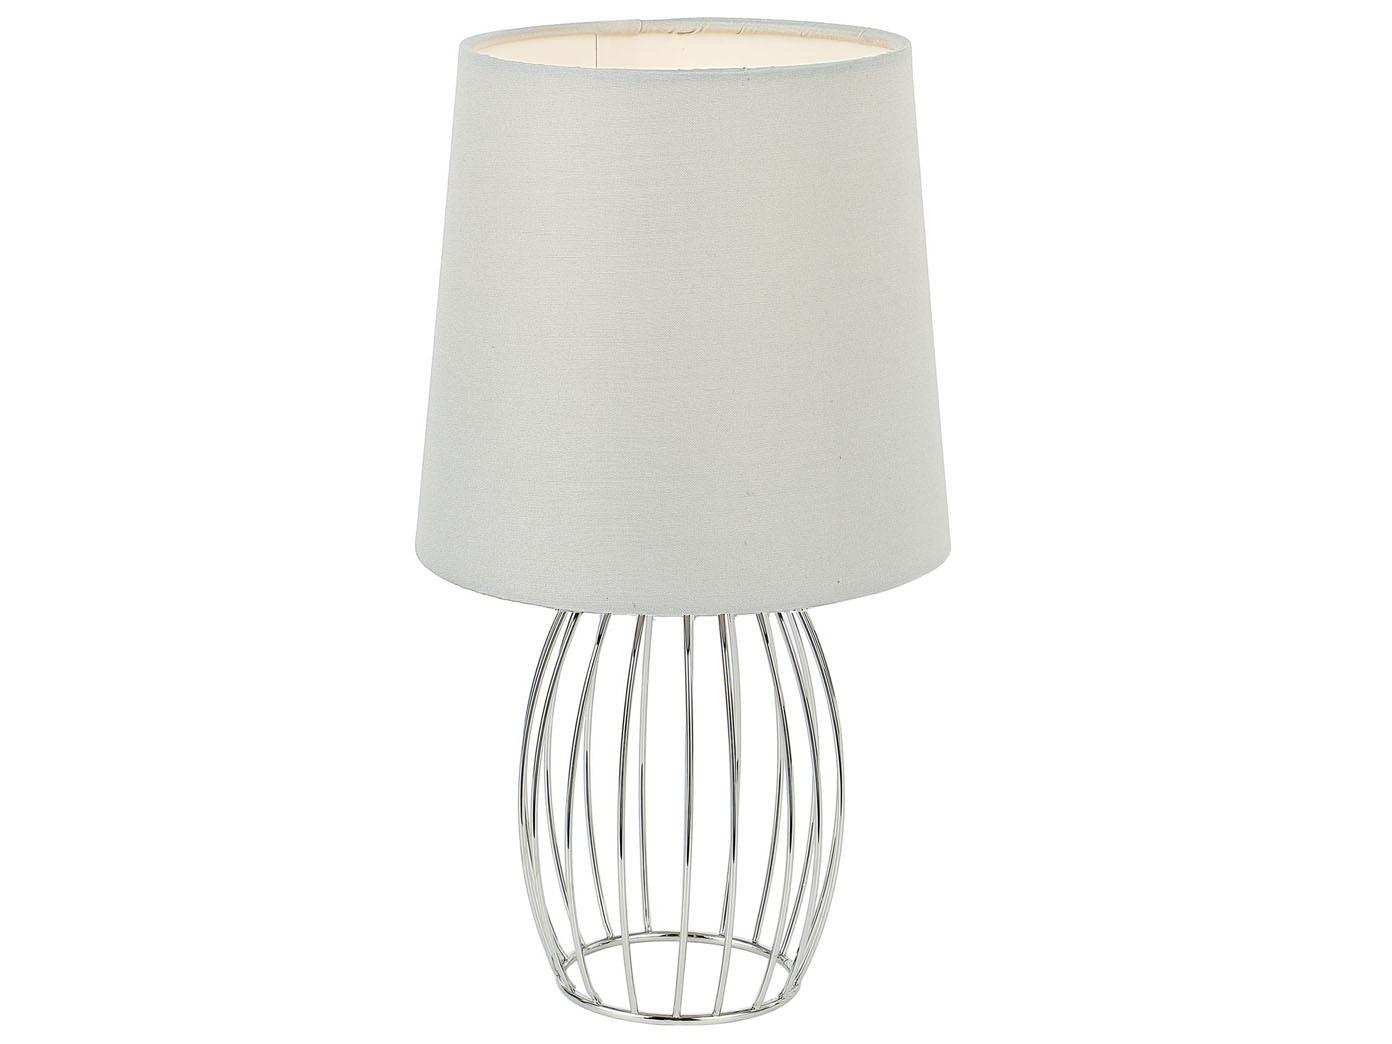 Design Tischleuchte modern mit LED Textilschirm grau Tischlampe Wohnzimmer Flur  Kaufen bei